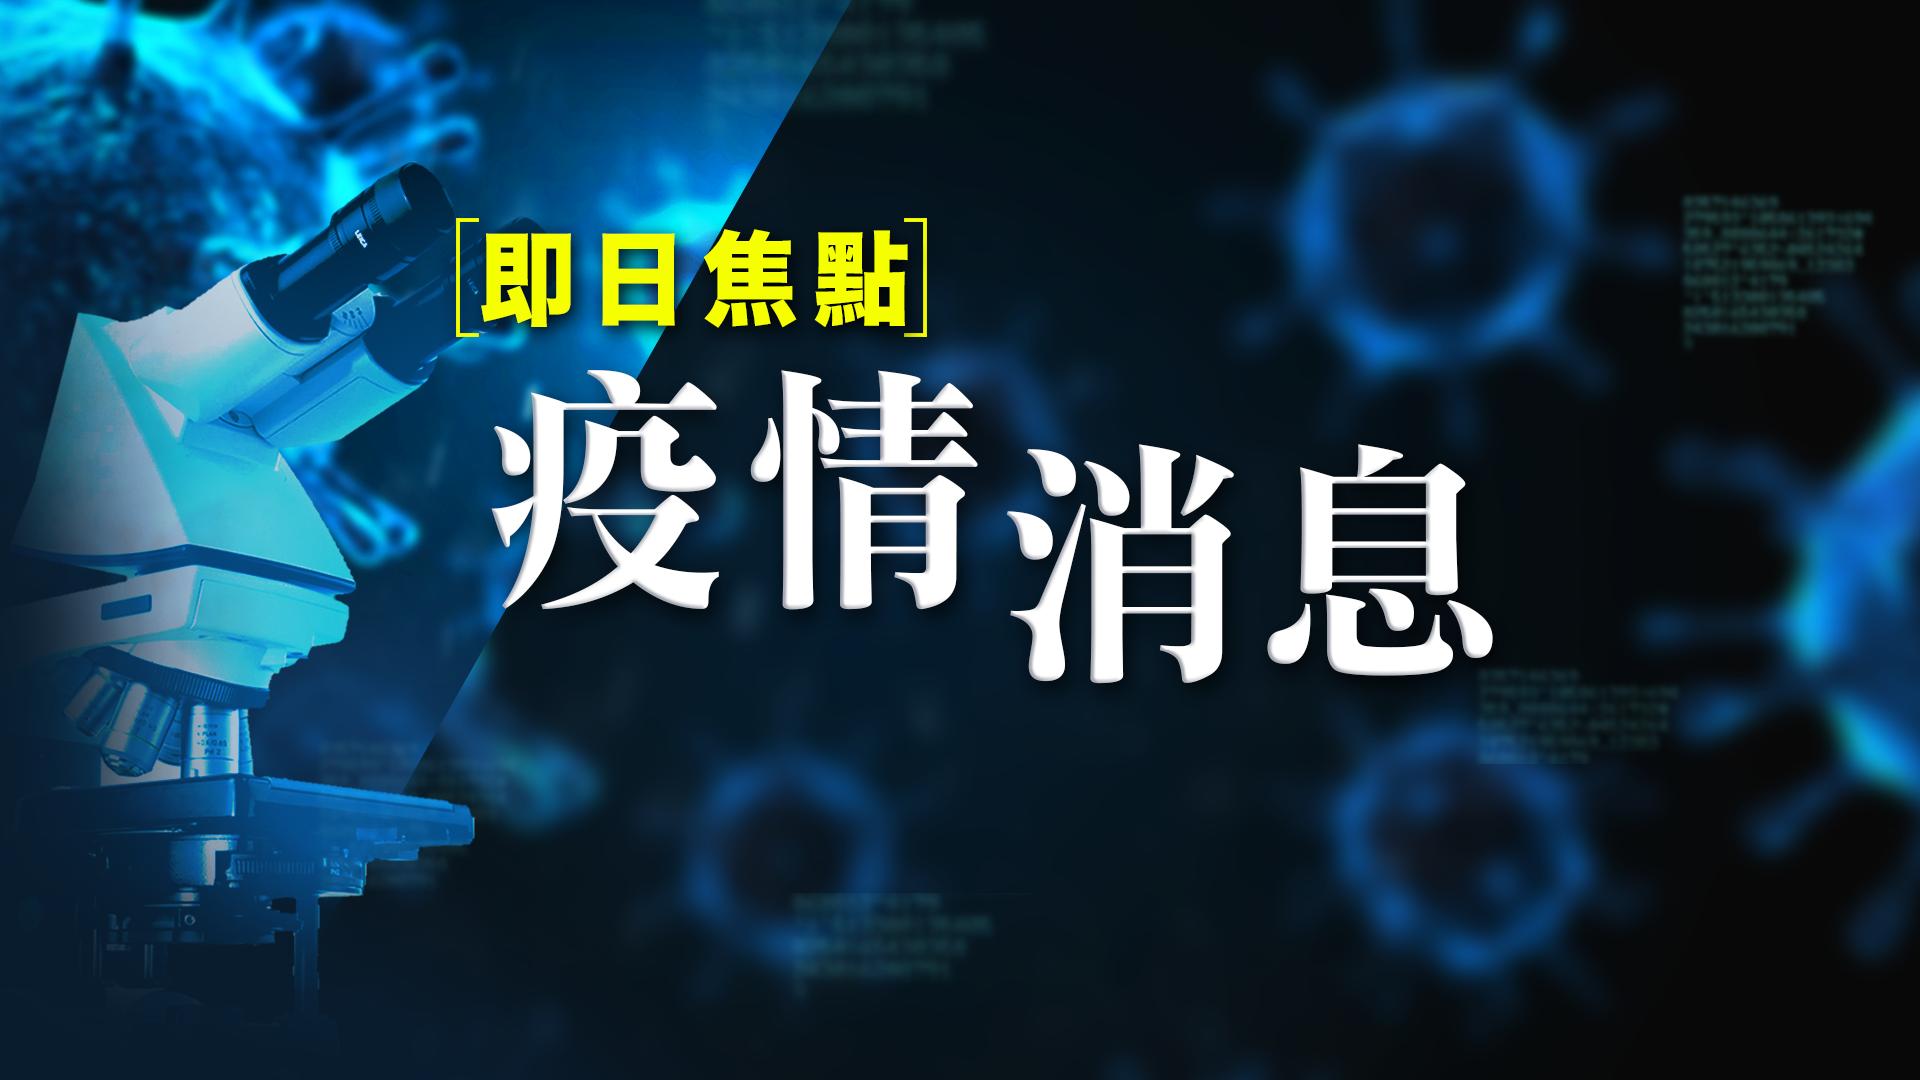 【即日焦點‧疫情消息】梁卓偉:病毒傳播力與沙士相近 患者平均可傳二人 林鄭指「封關」不切實際;台灣促六千名大陸團旅客本月底離境